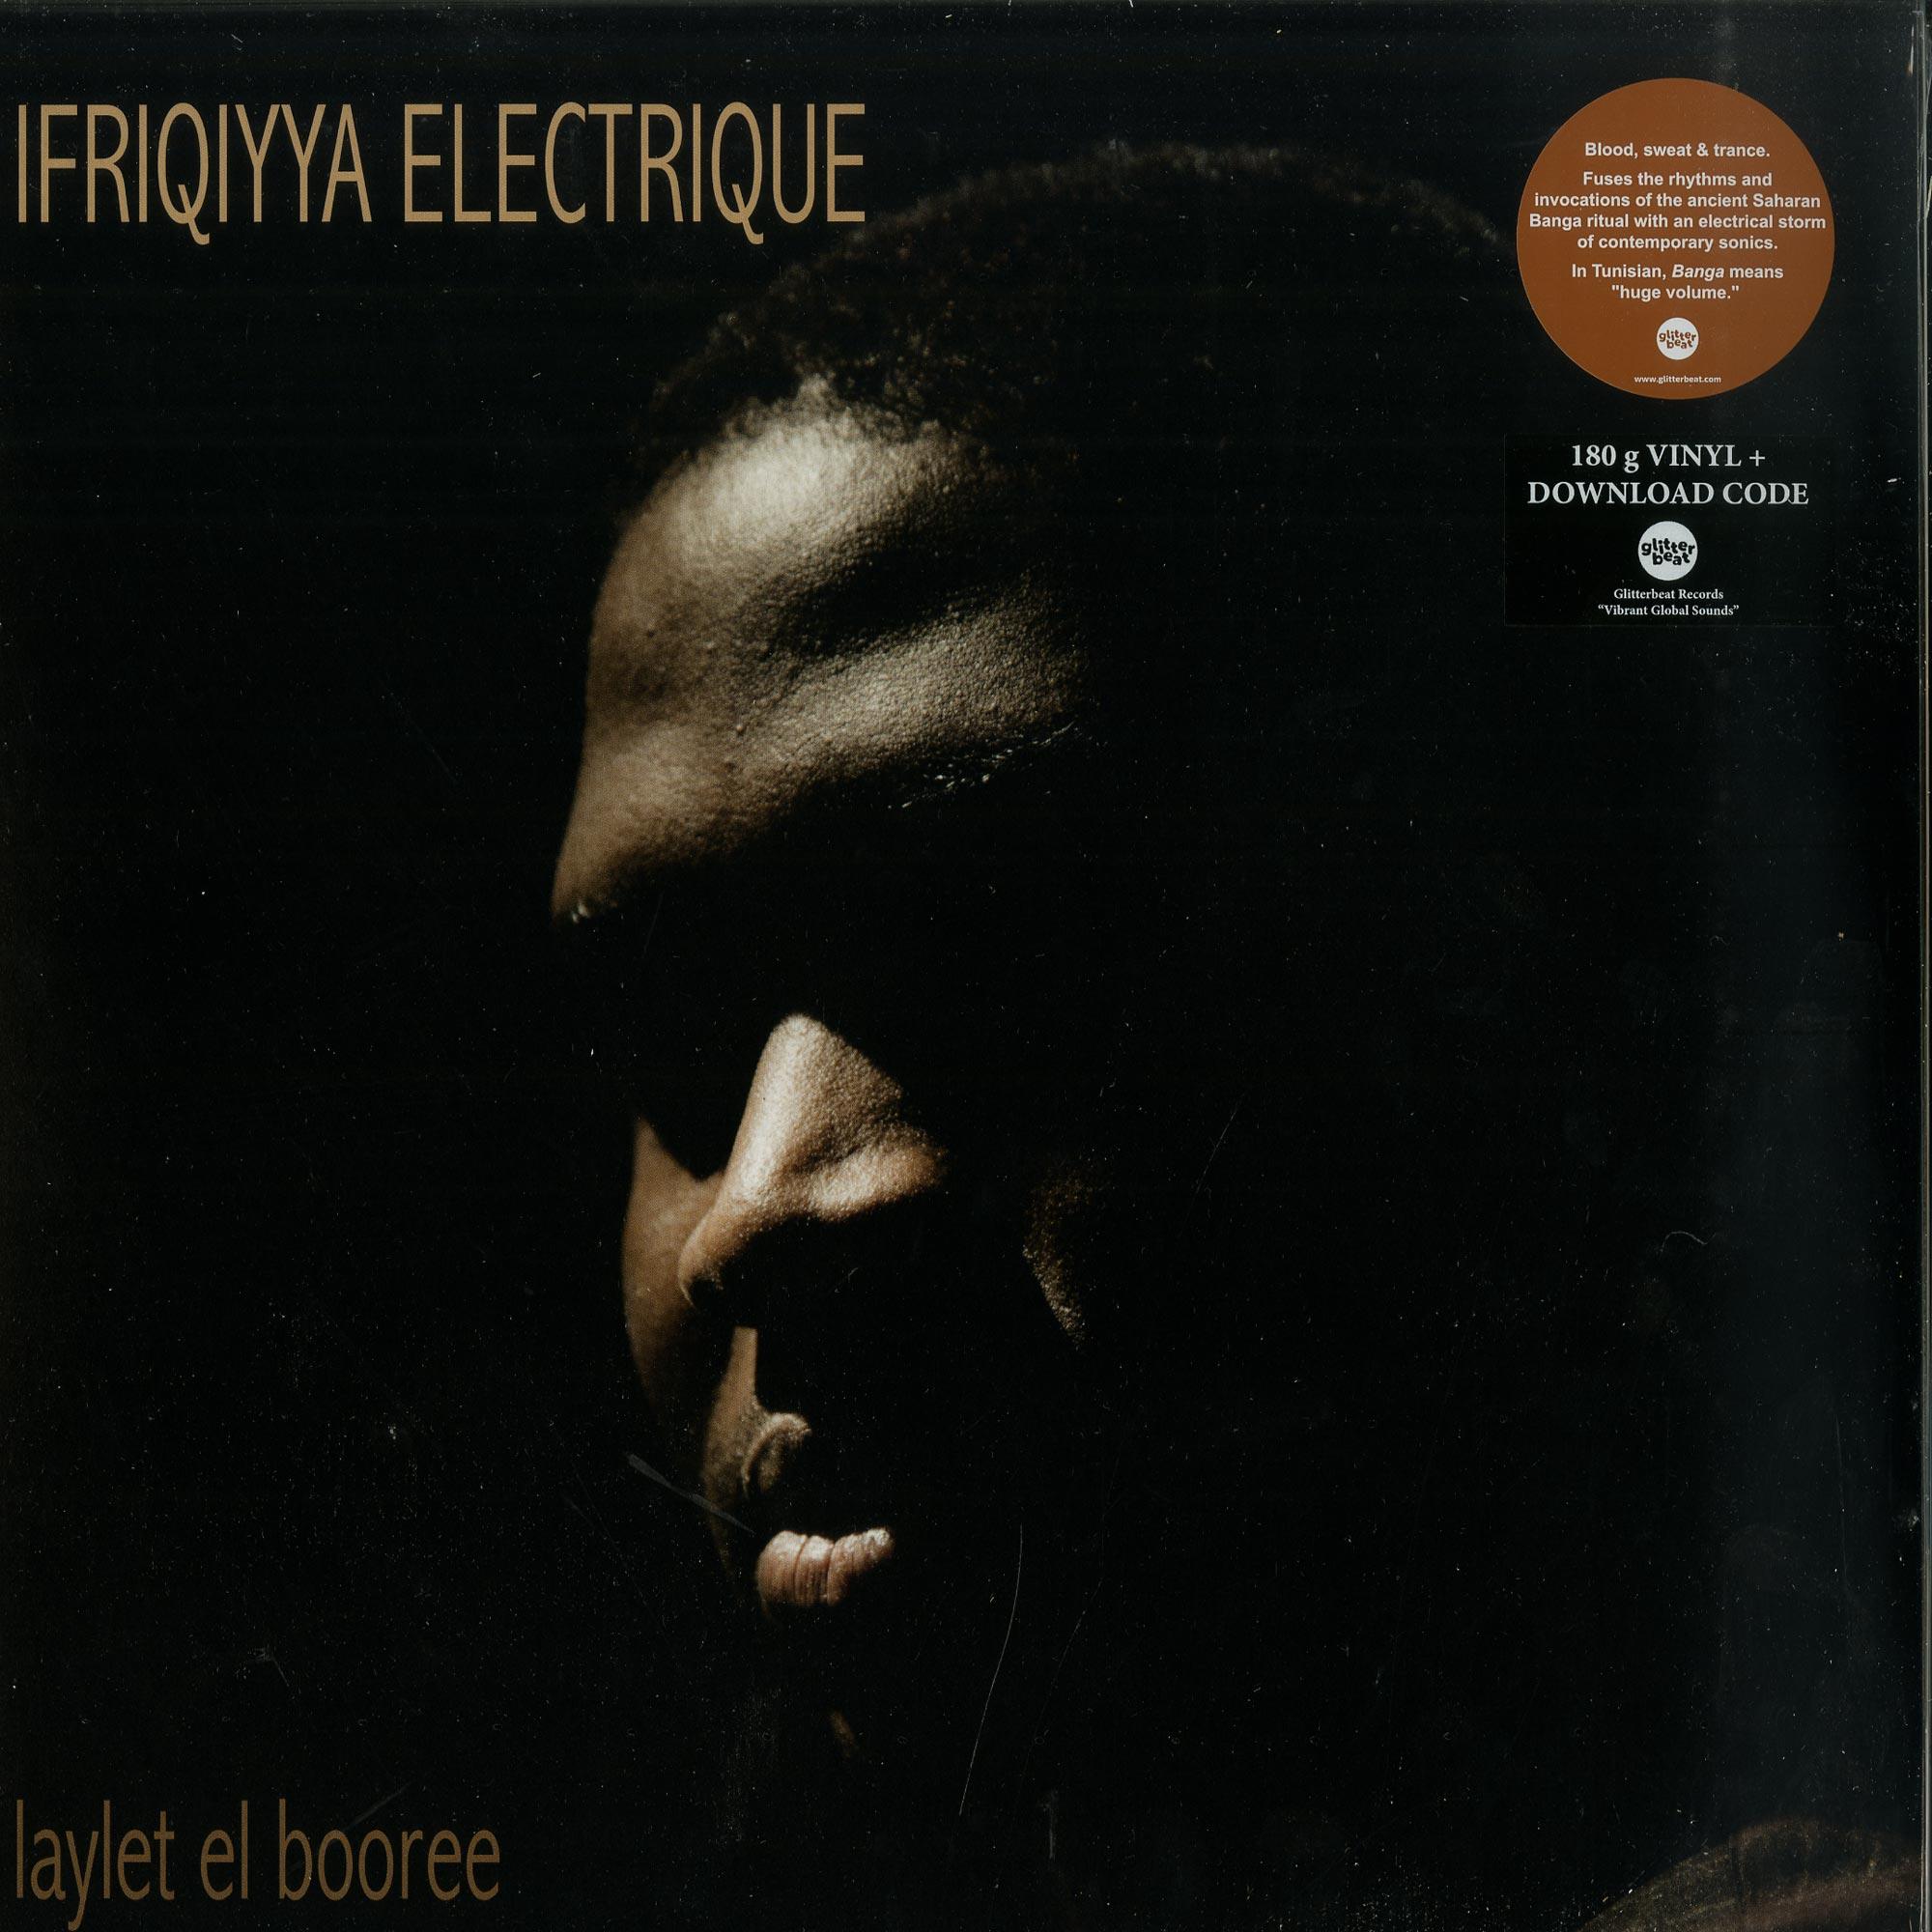 Ifriqiyya Electrique - LAYLET EL BOOREE